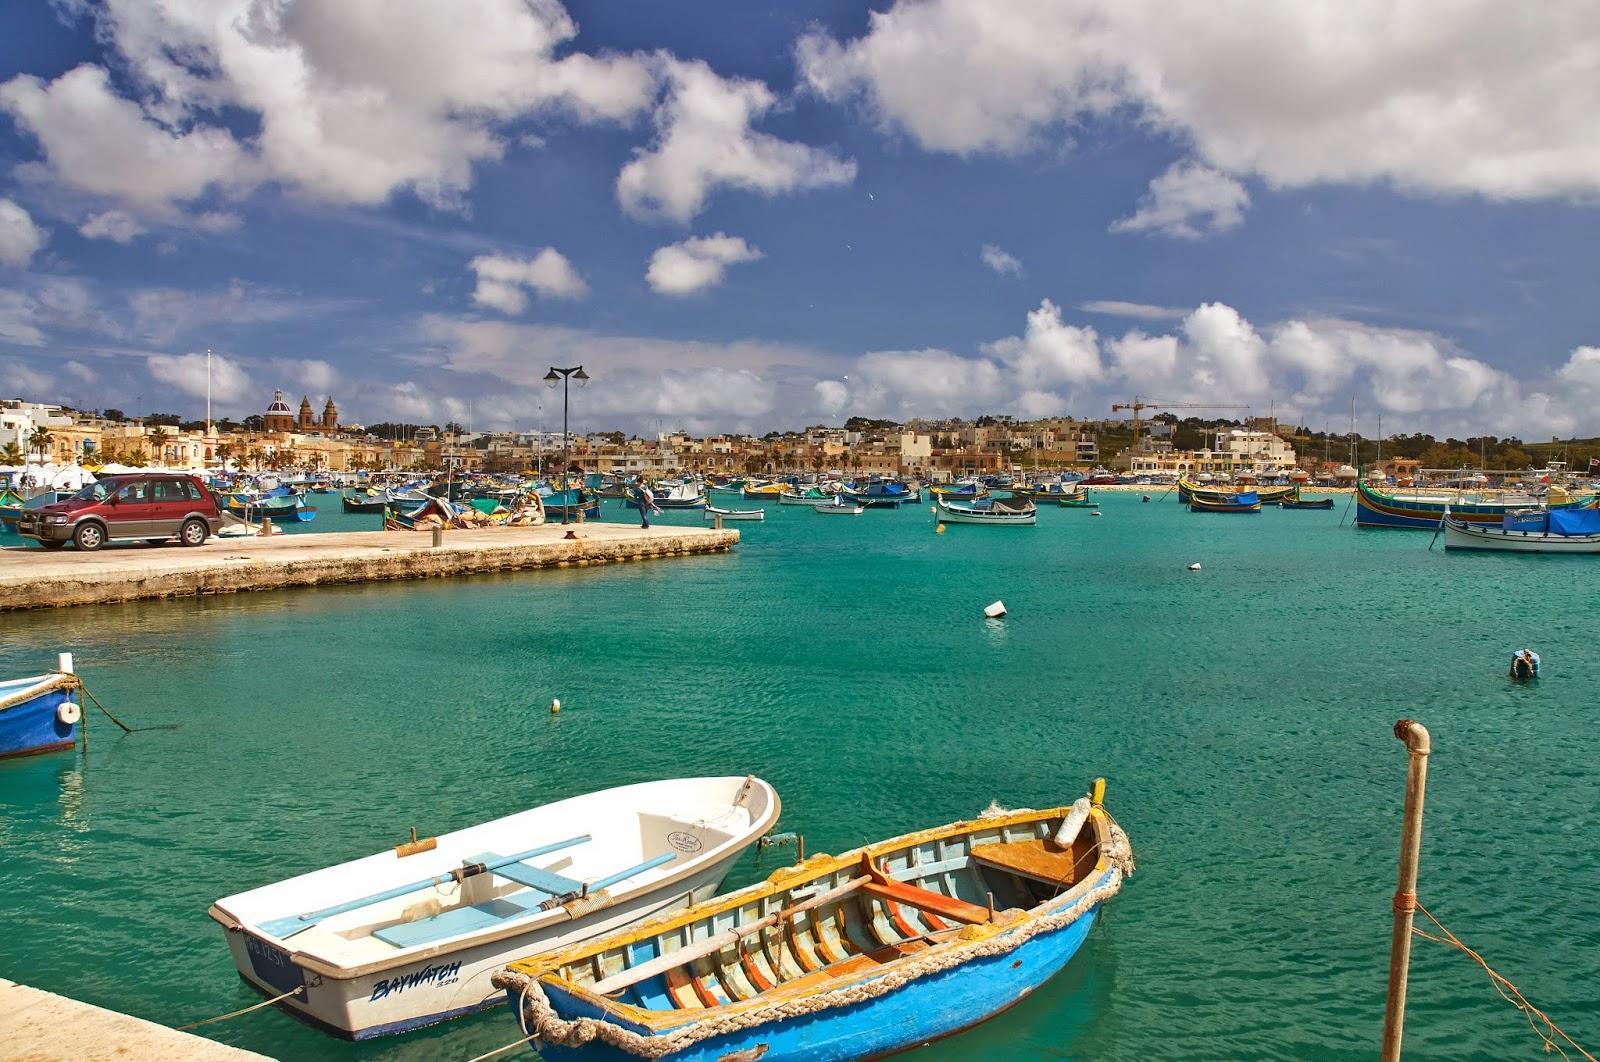 łódki Luzzu na Malcie gdzie je można zobaczyć?